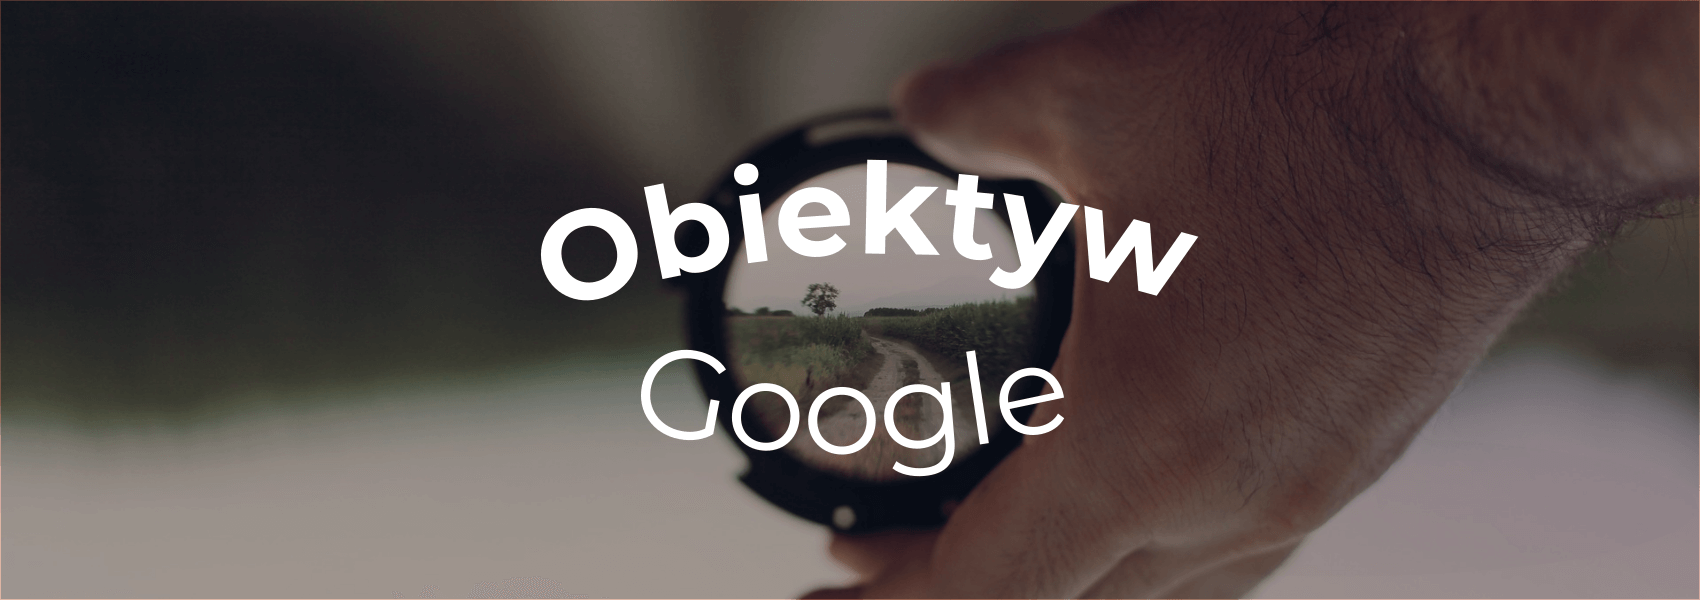 Obiektyw Google